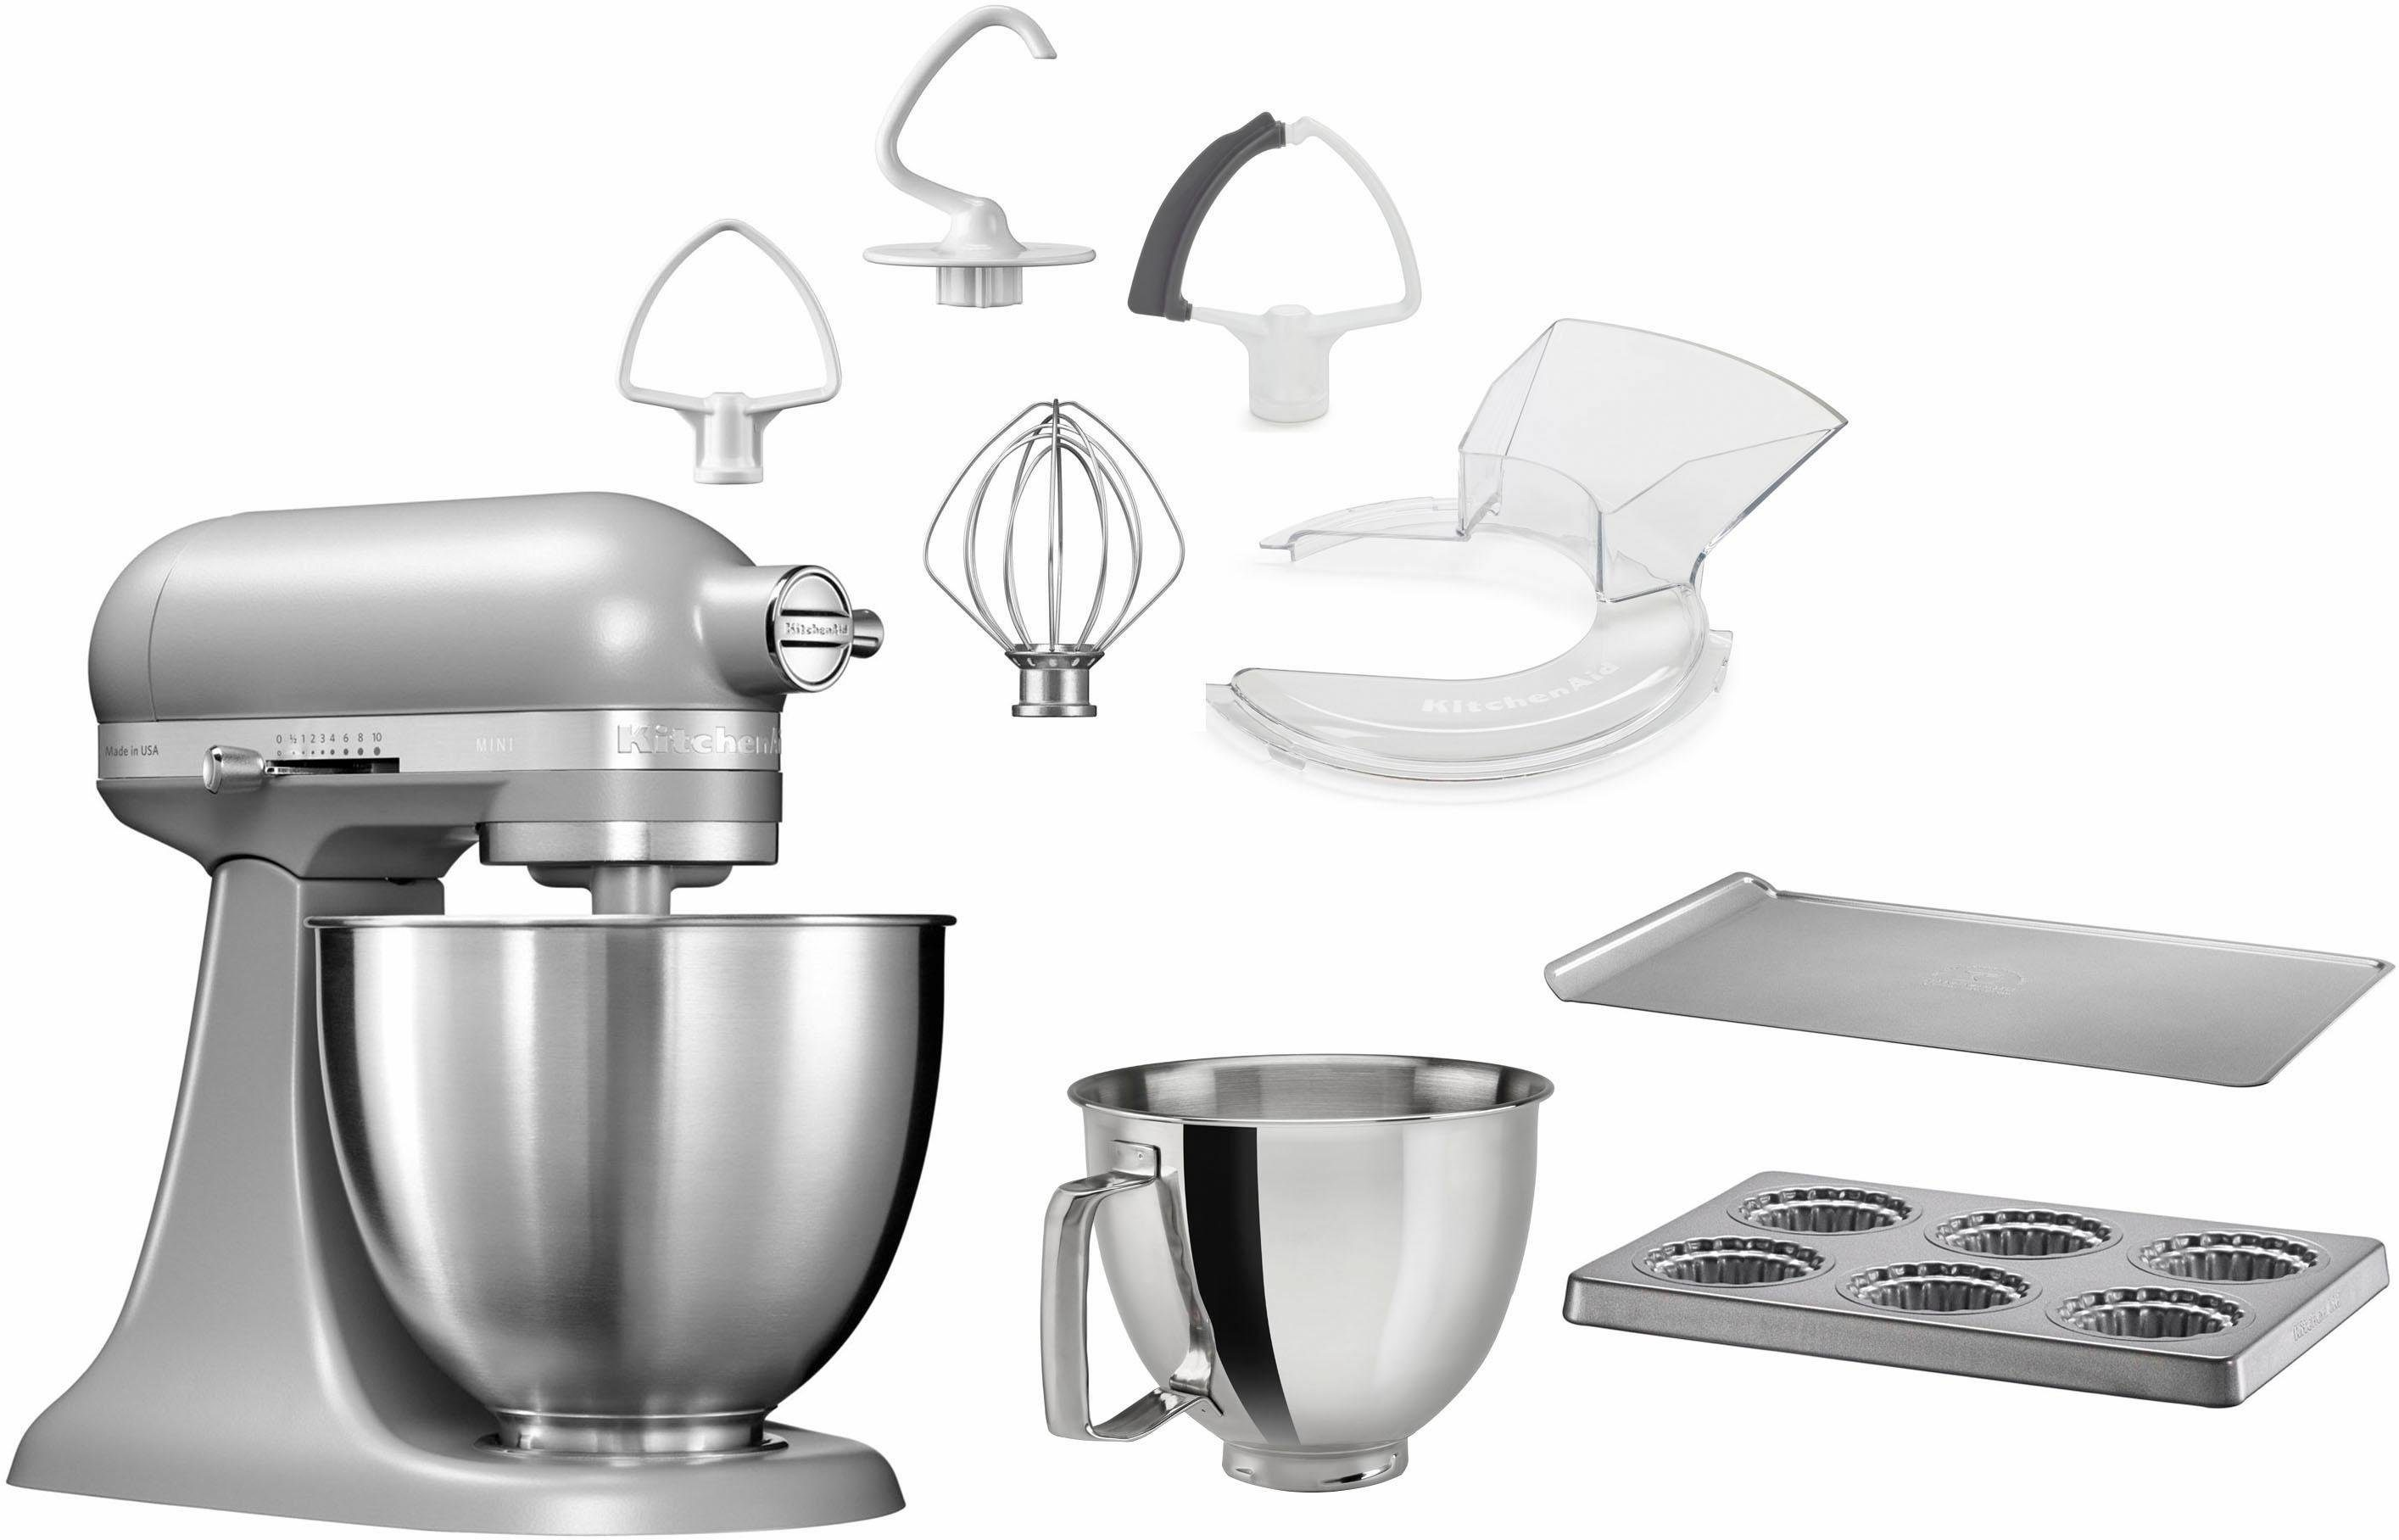 KitchenAid Küchenmaschine Mini 5KSM3311XEFG, 250 W, 3,3 l Schüssel, mit Sonderzubehör im Wert von 246,-€ UVP